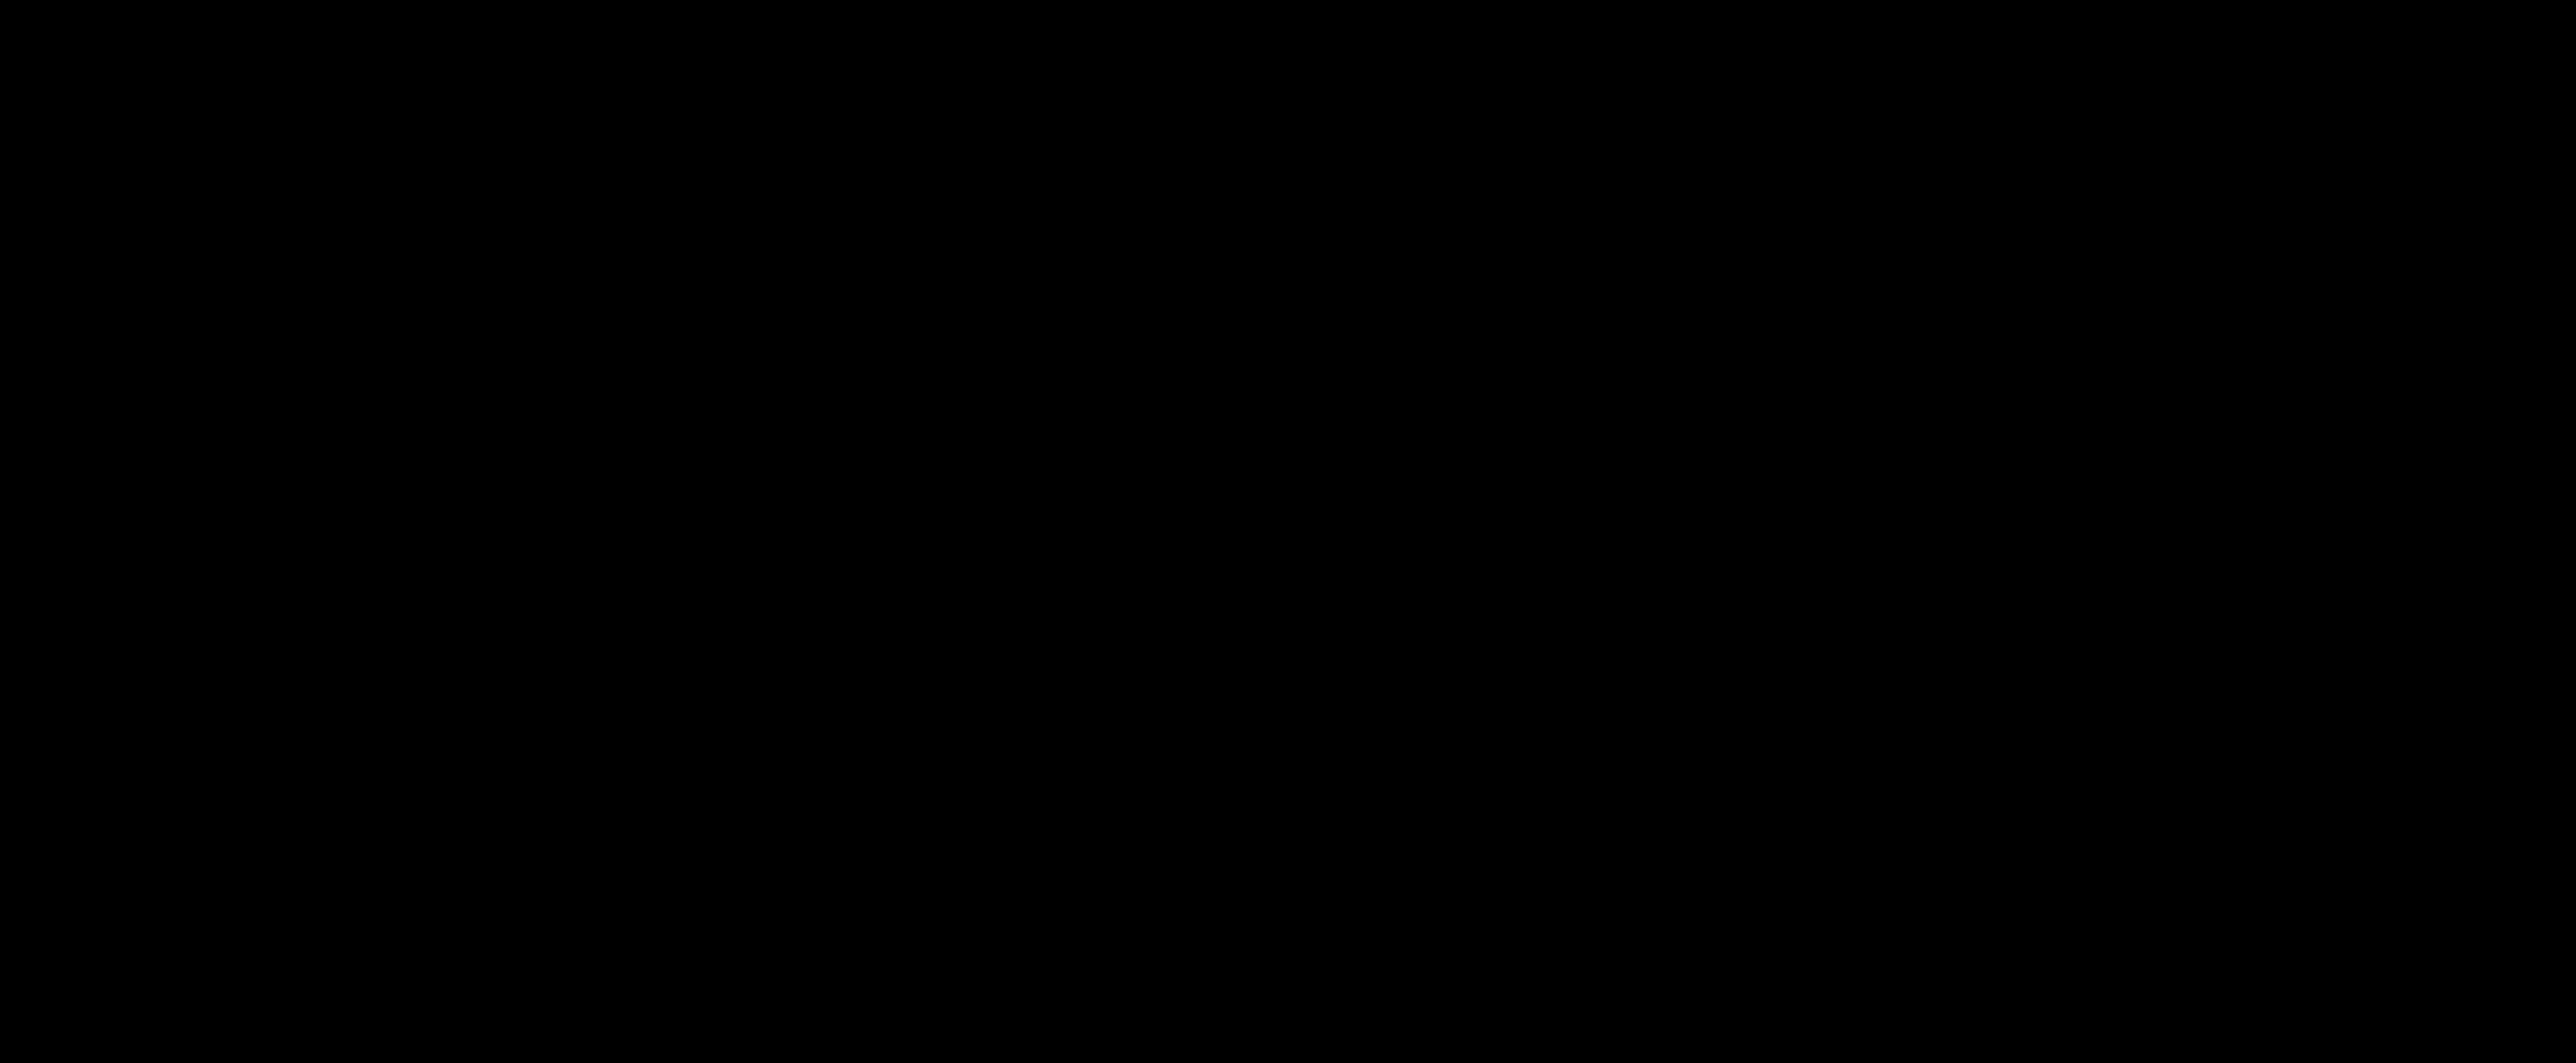 Vereschagin (triptych)